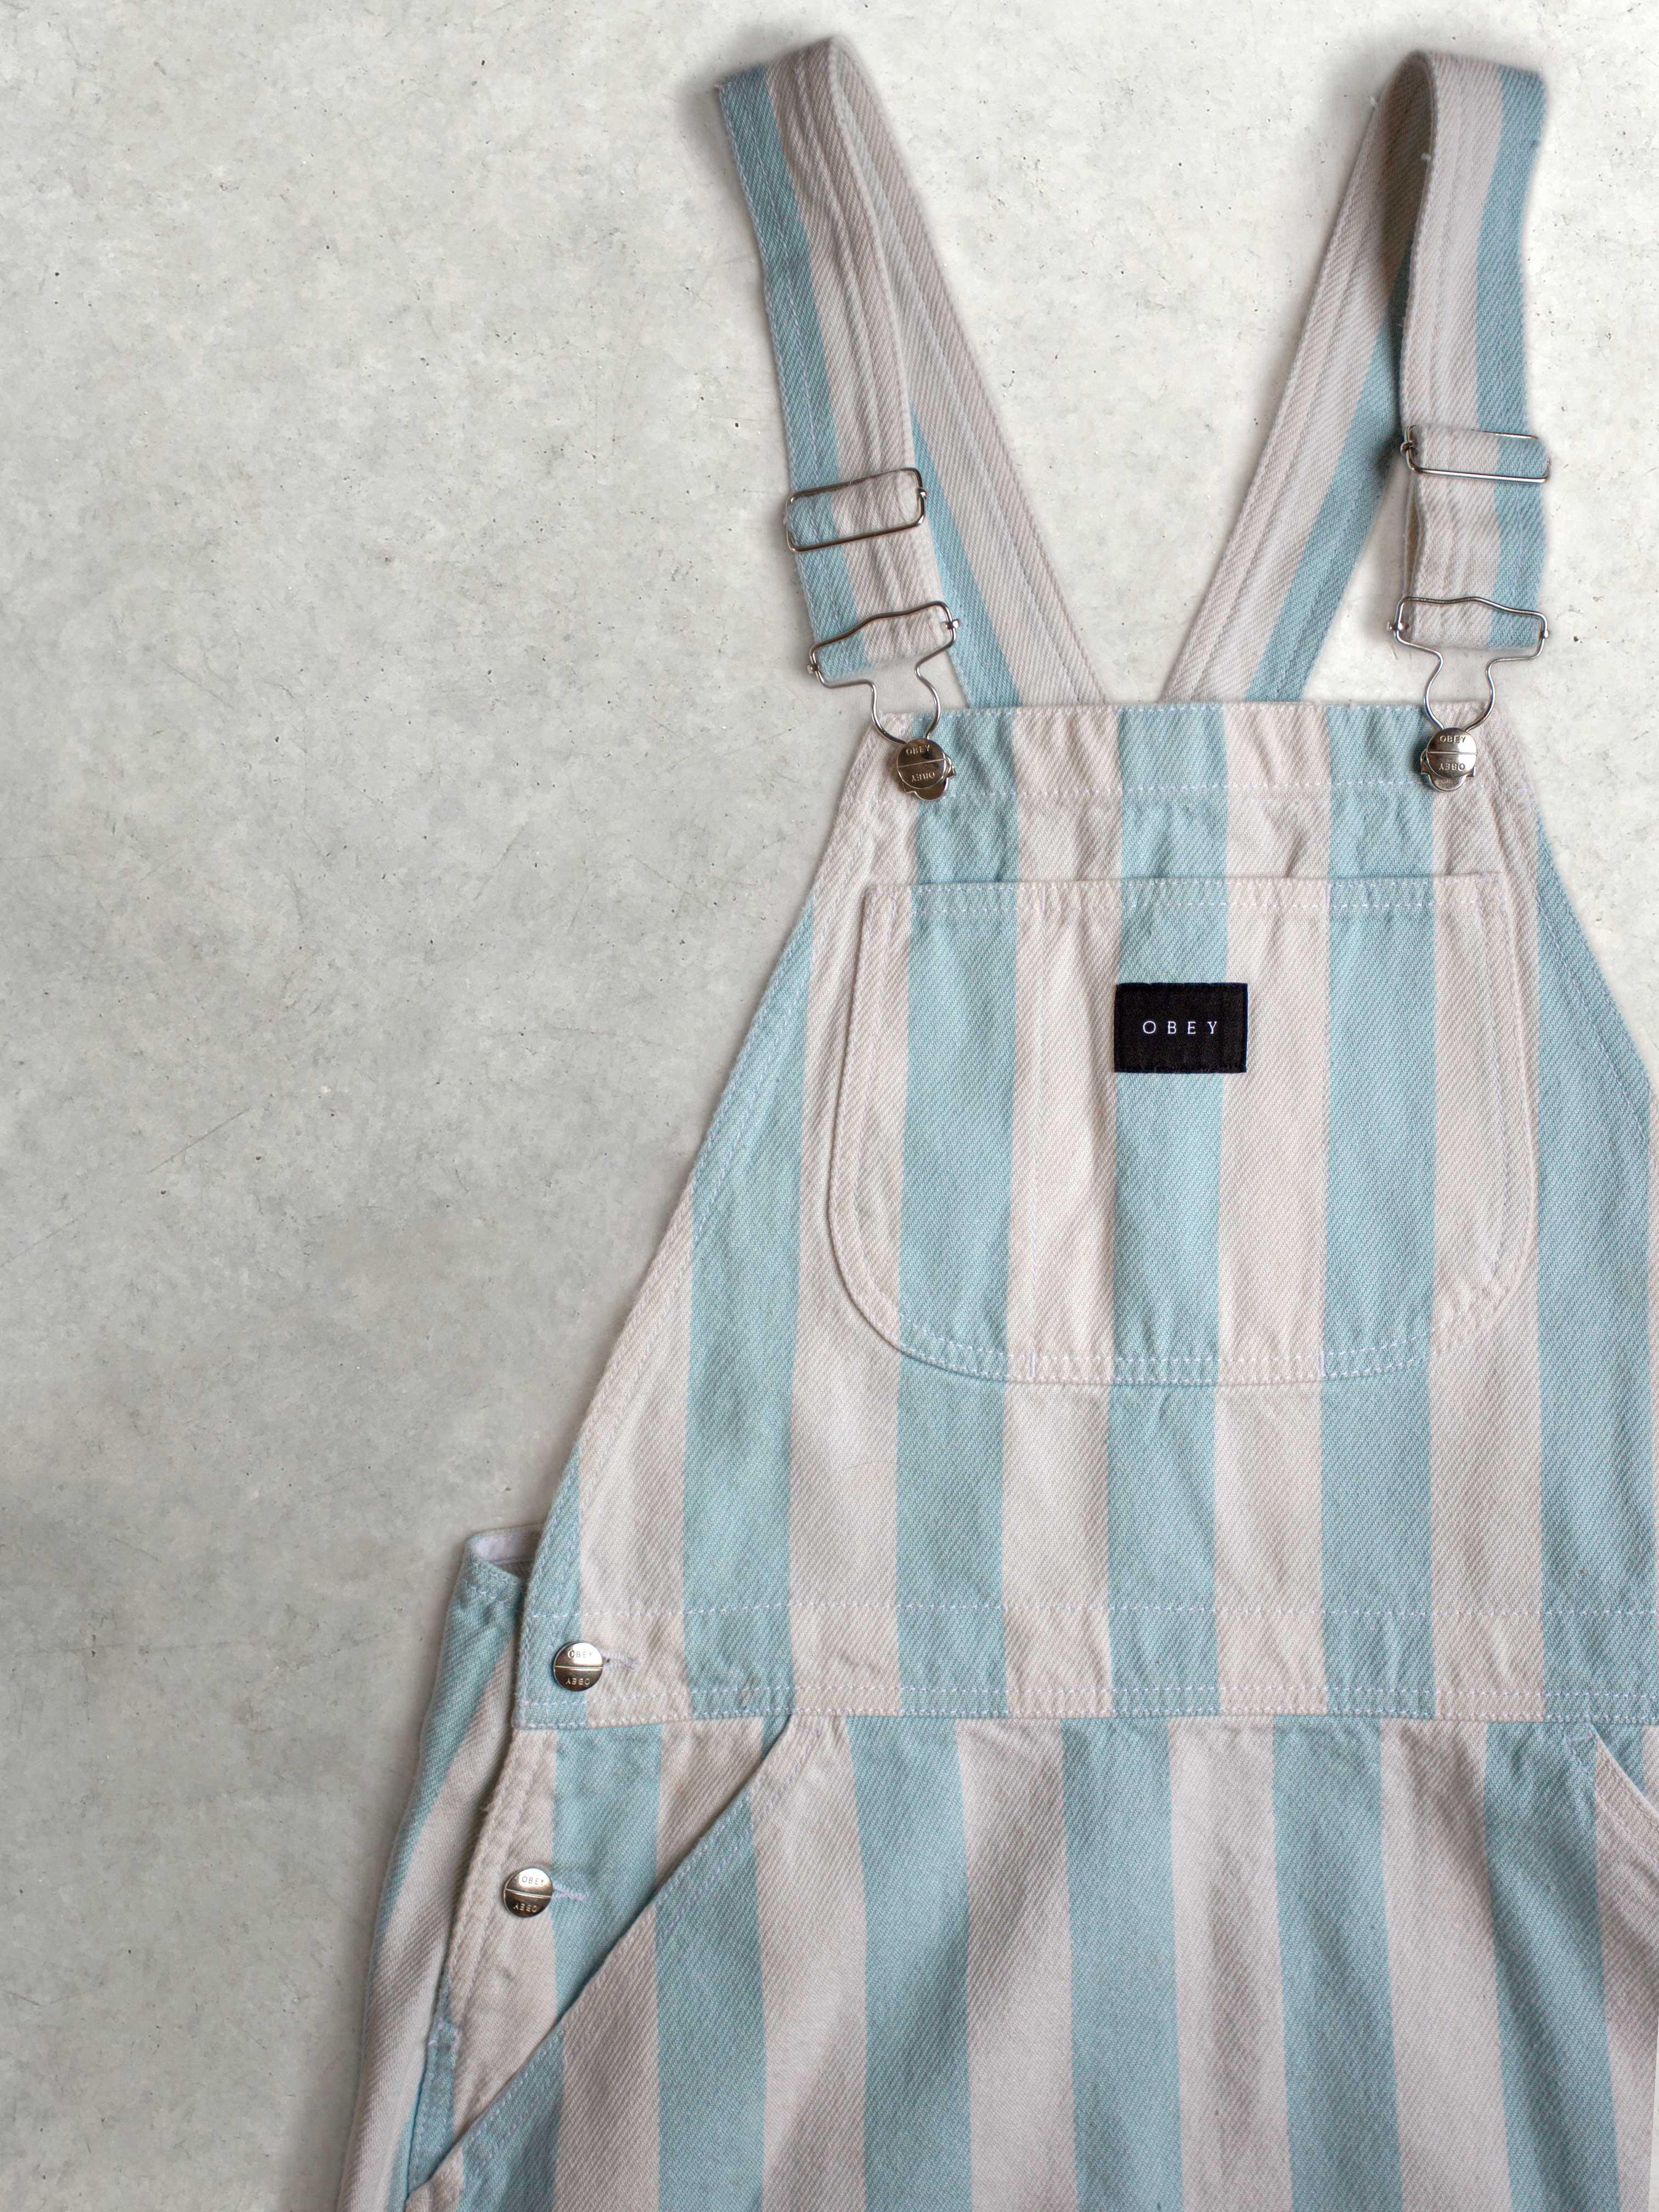 Packshot de Robe salopette pastel à rayures  par la marque Obey